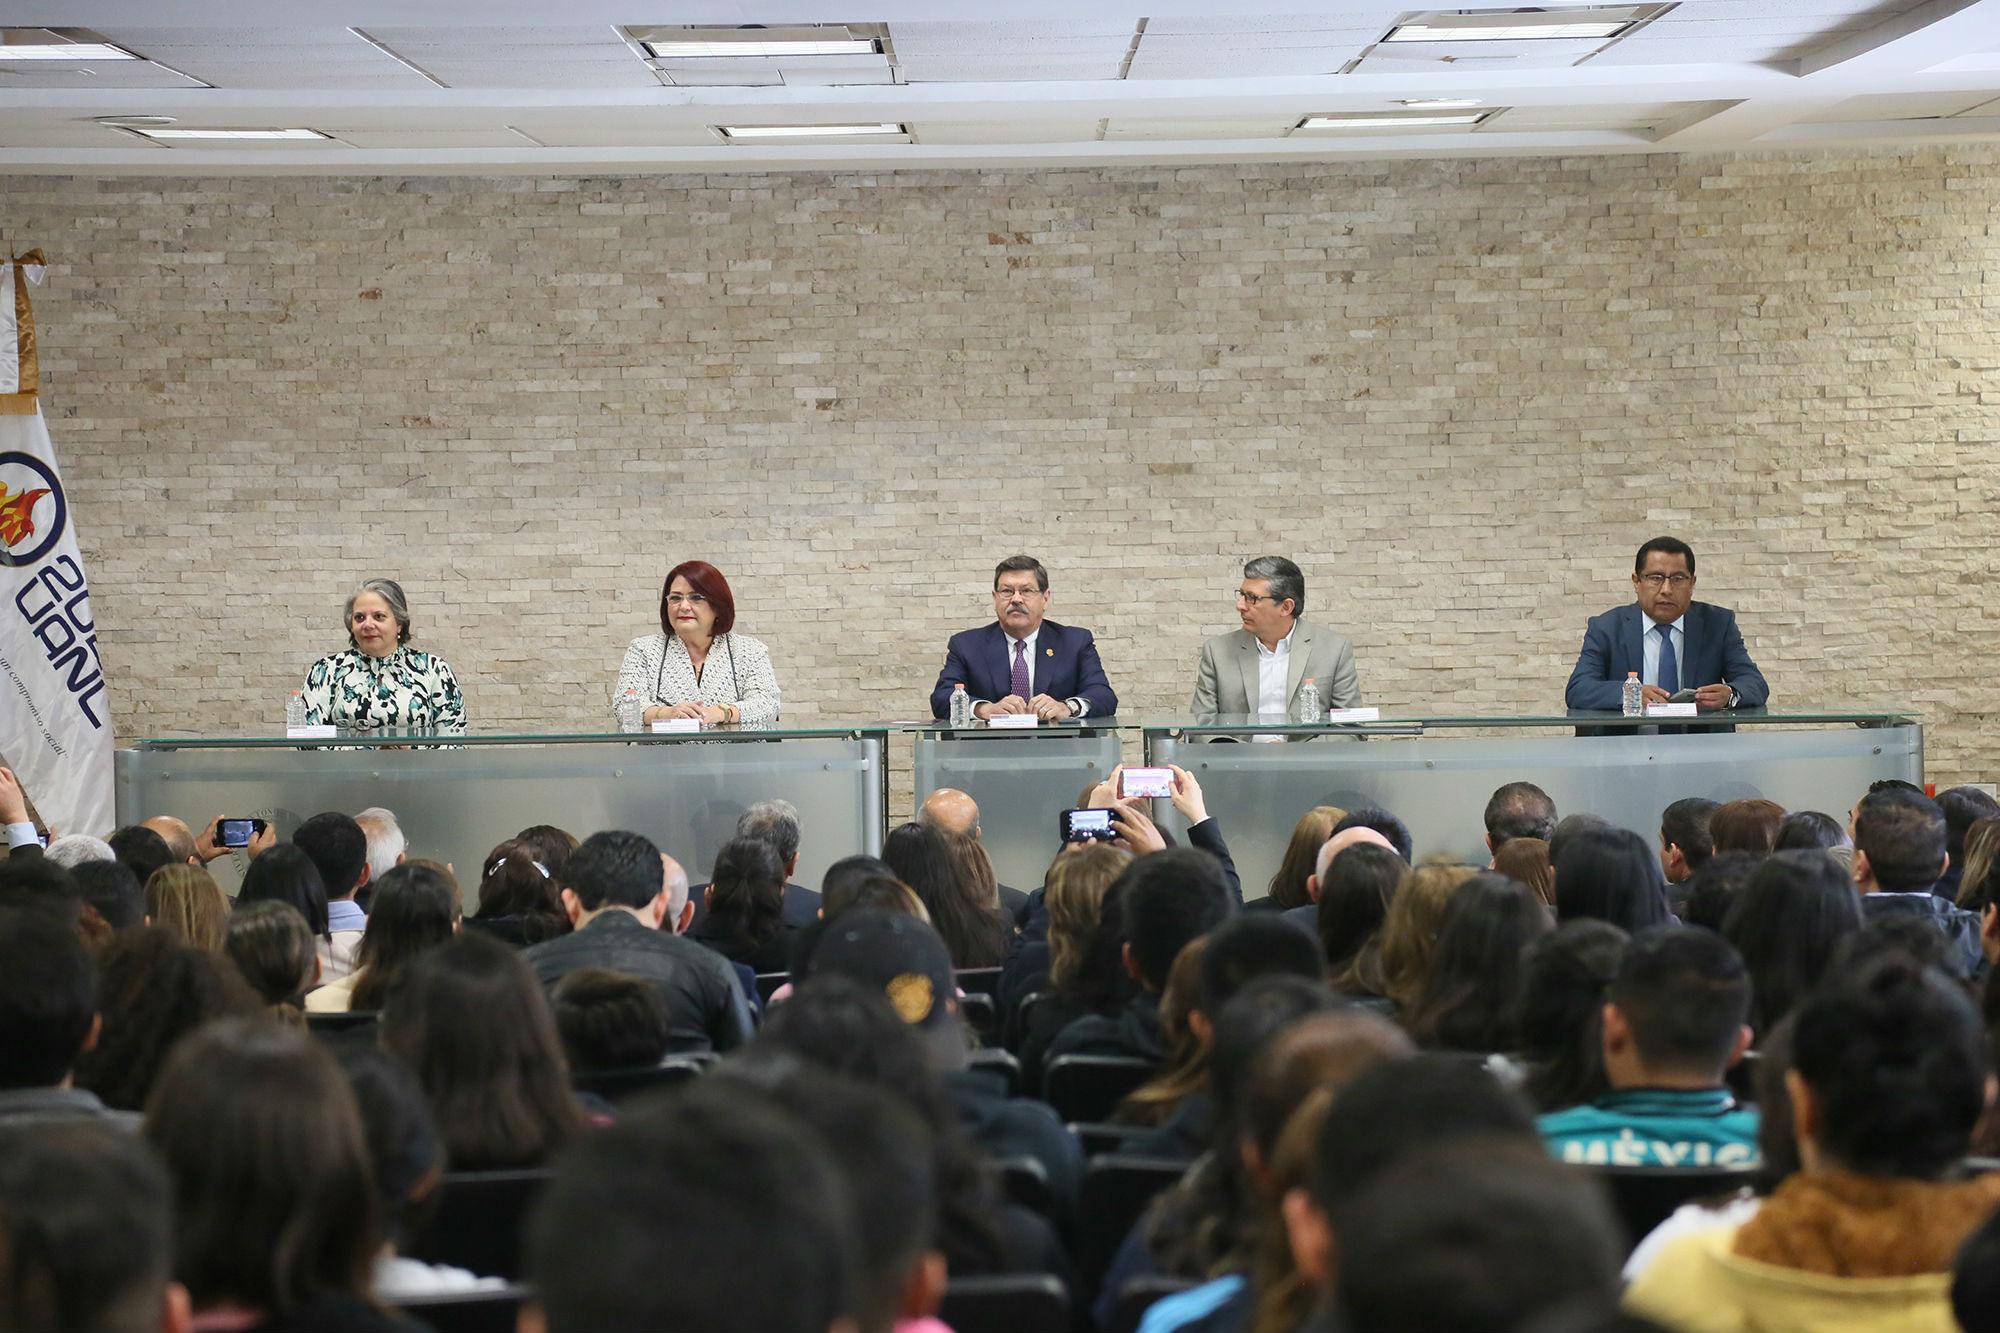 Escuelas de negocios latinoamericanas buscan acreditación internacional